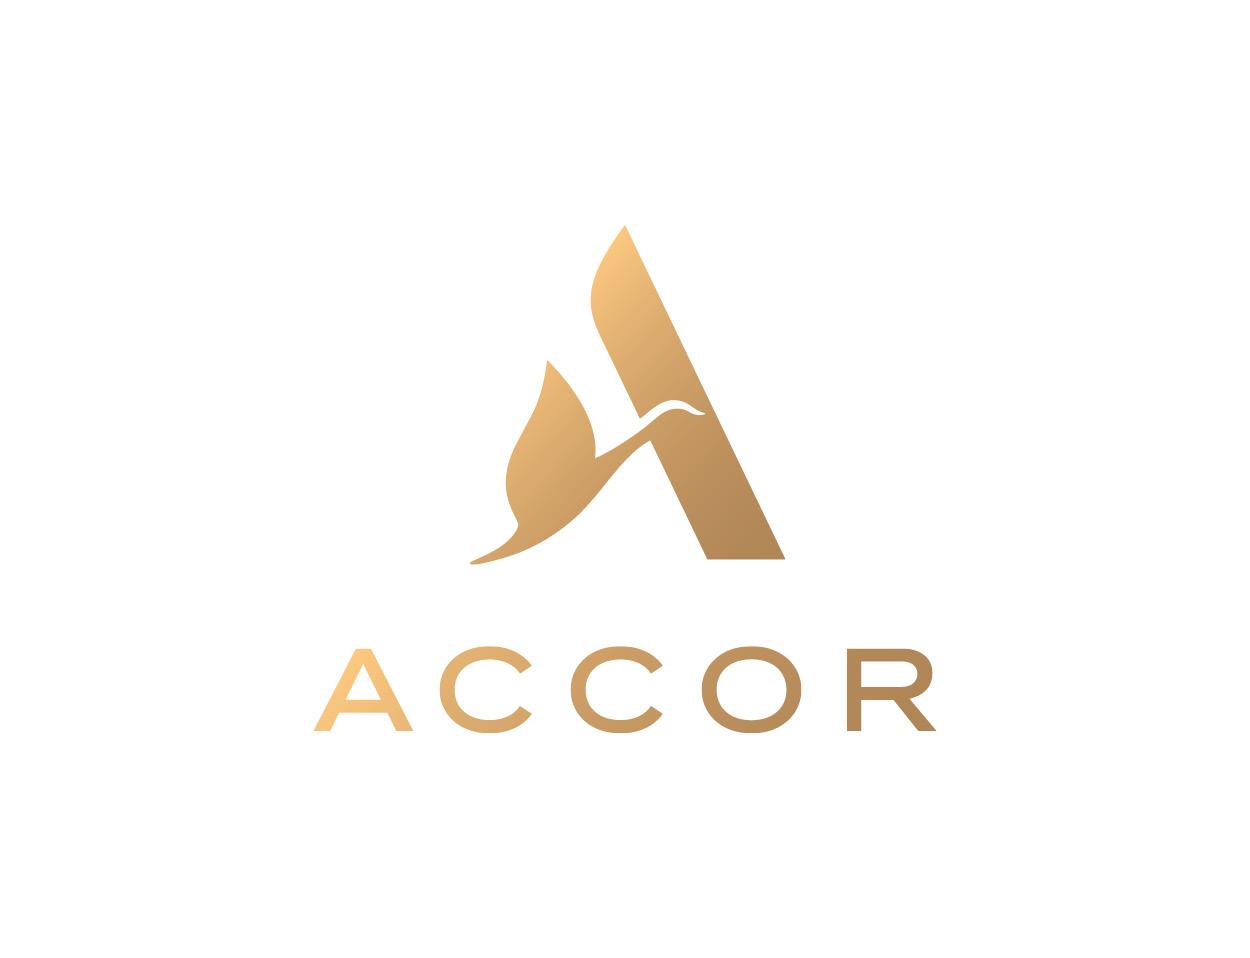 Referentie Accor